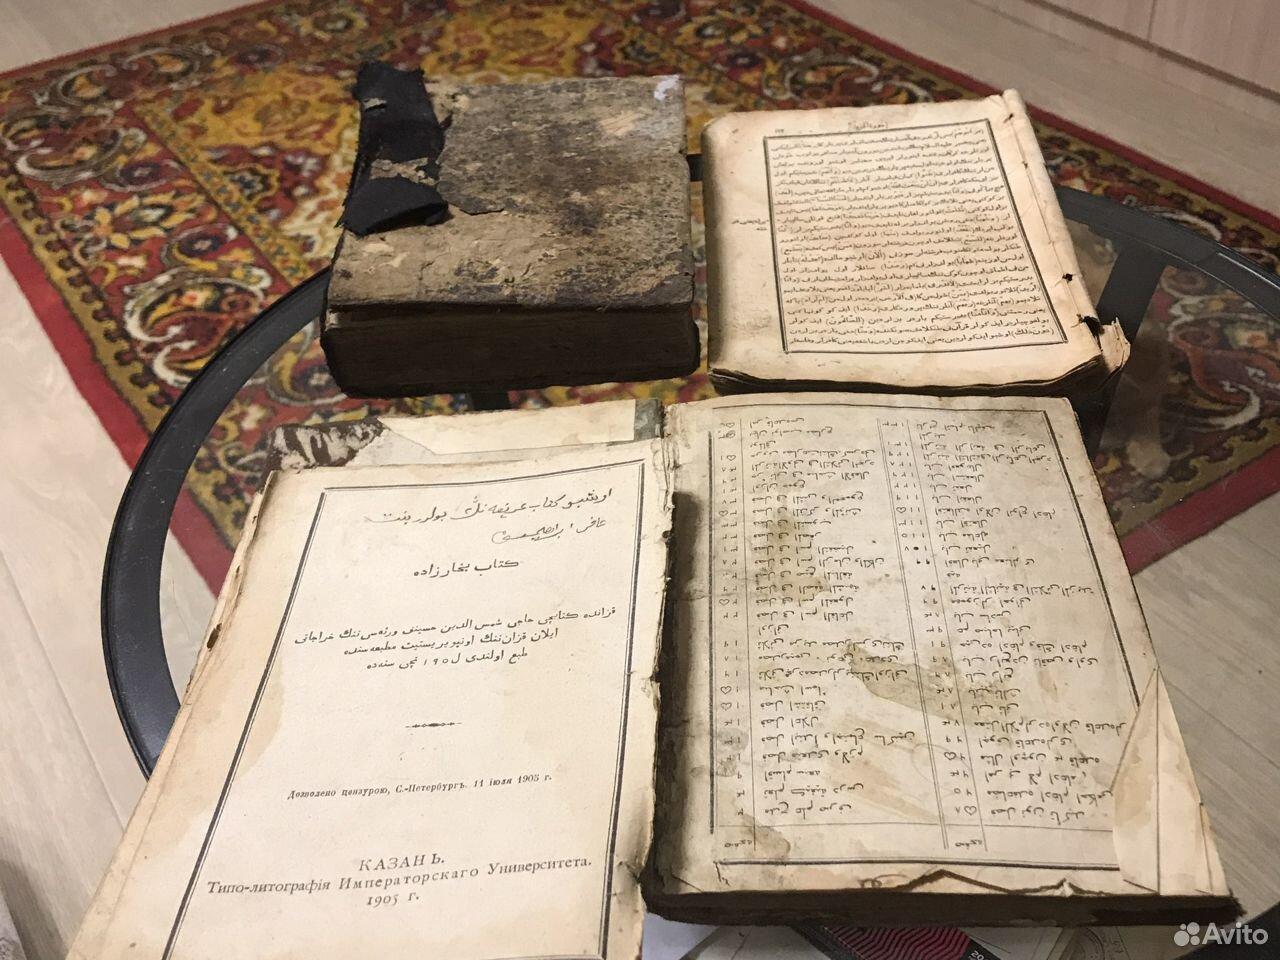 Кораны рукописные старинные  89124873993 купить 1